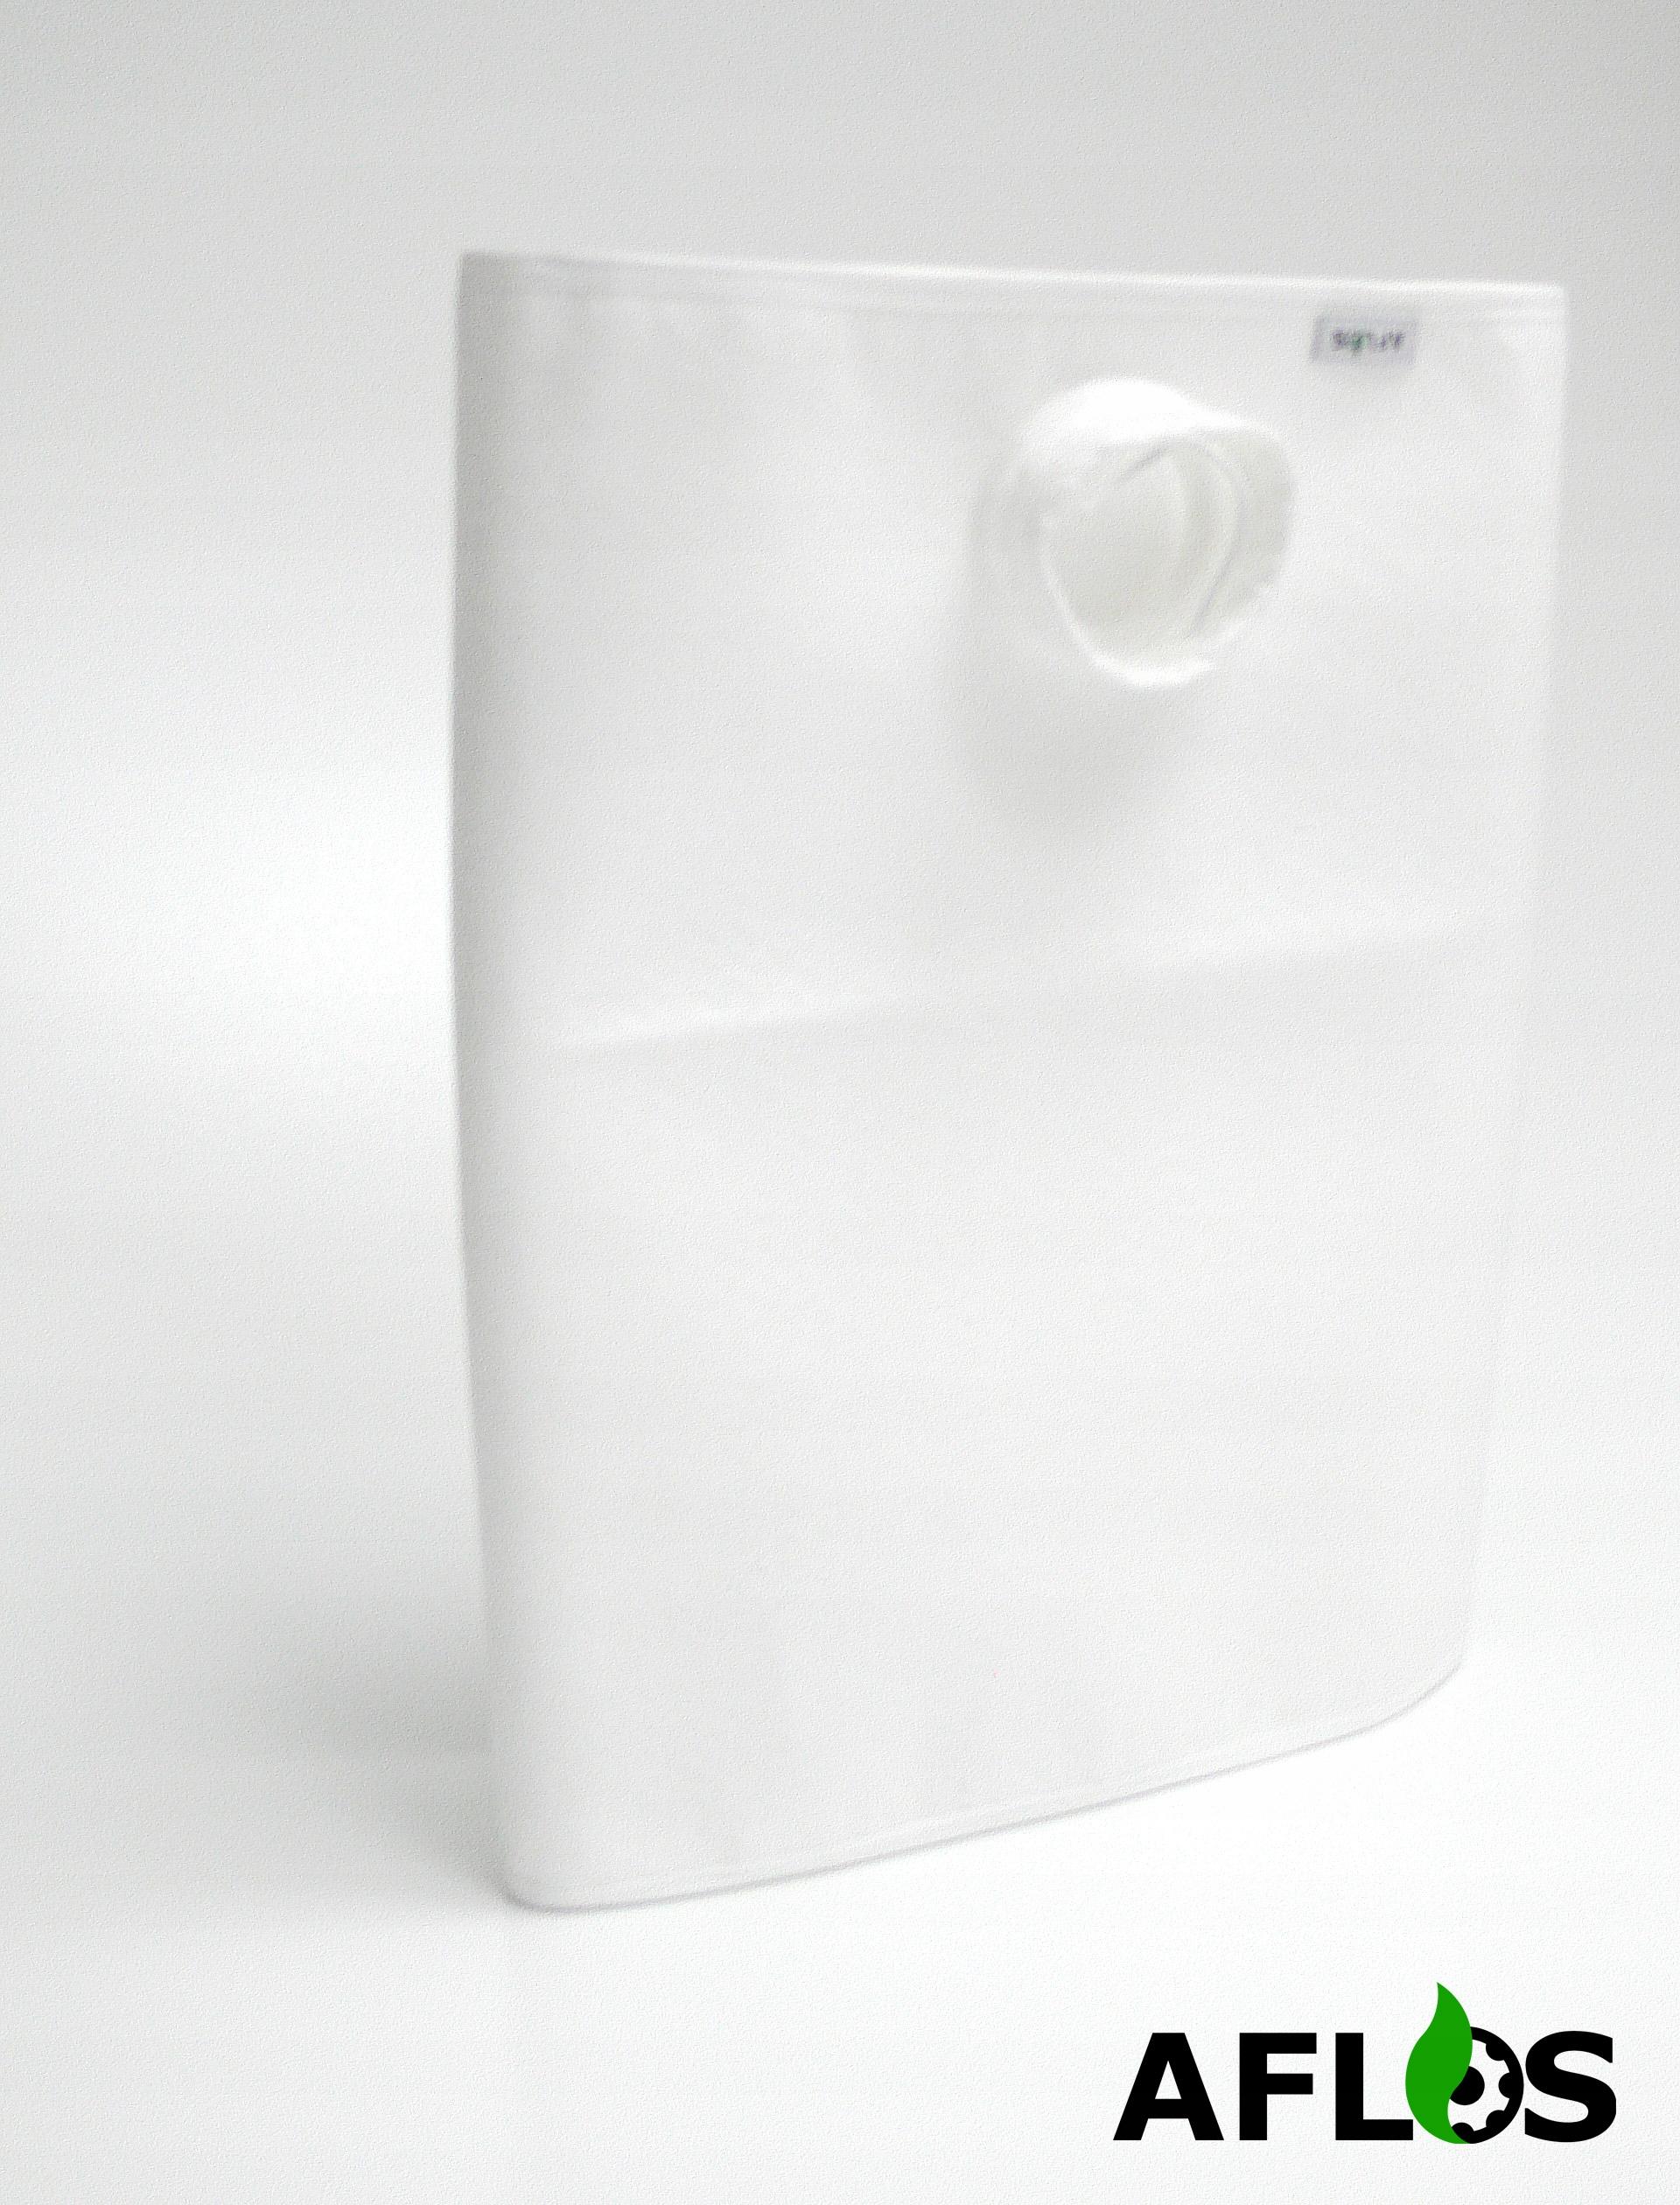 Vrecko na opakovane použiteľné zvyšky Starmix Makita Bosch